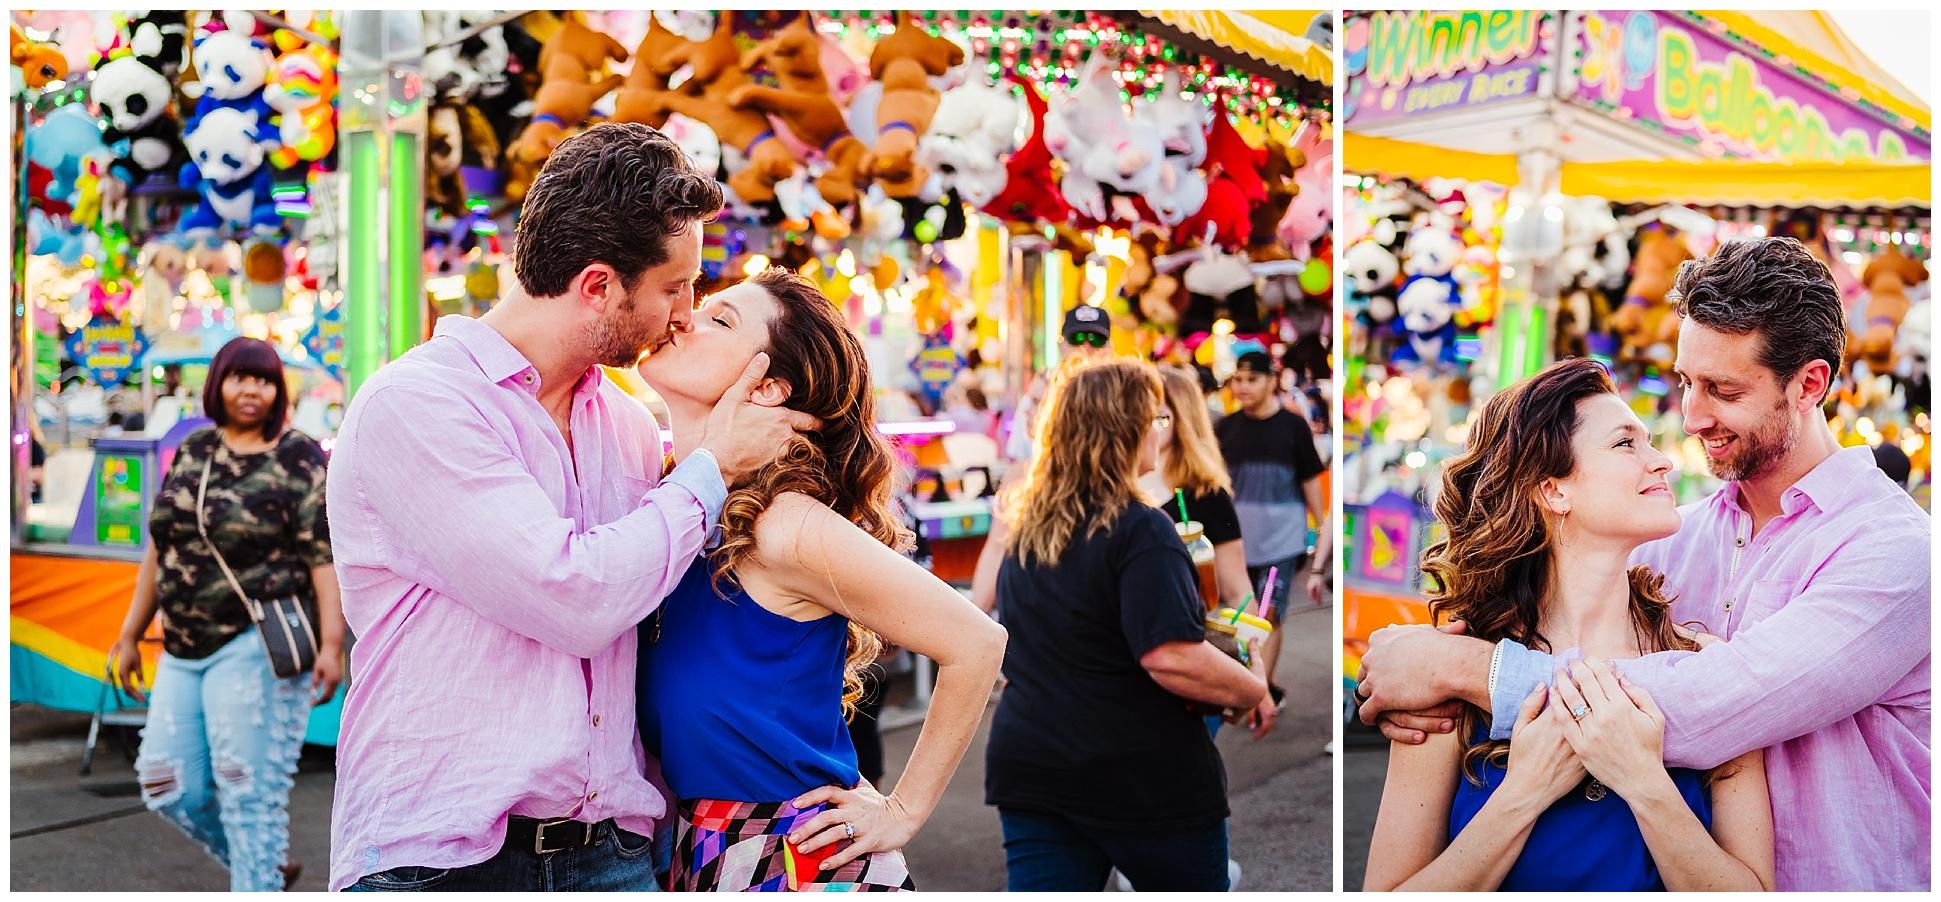 Tampa-colorful-fair-amusement park-dani family session_0018.jpg